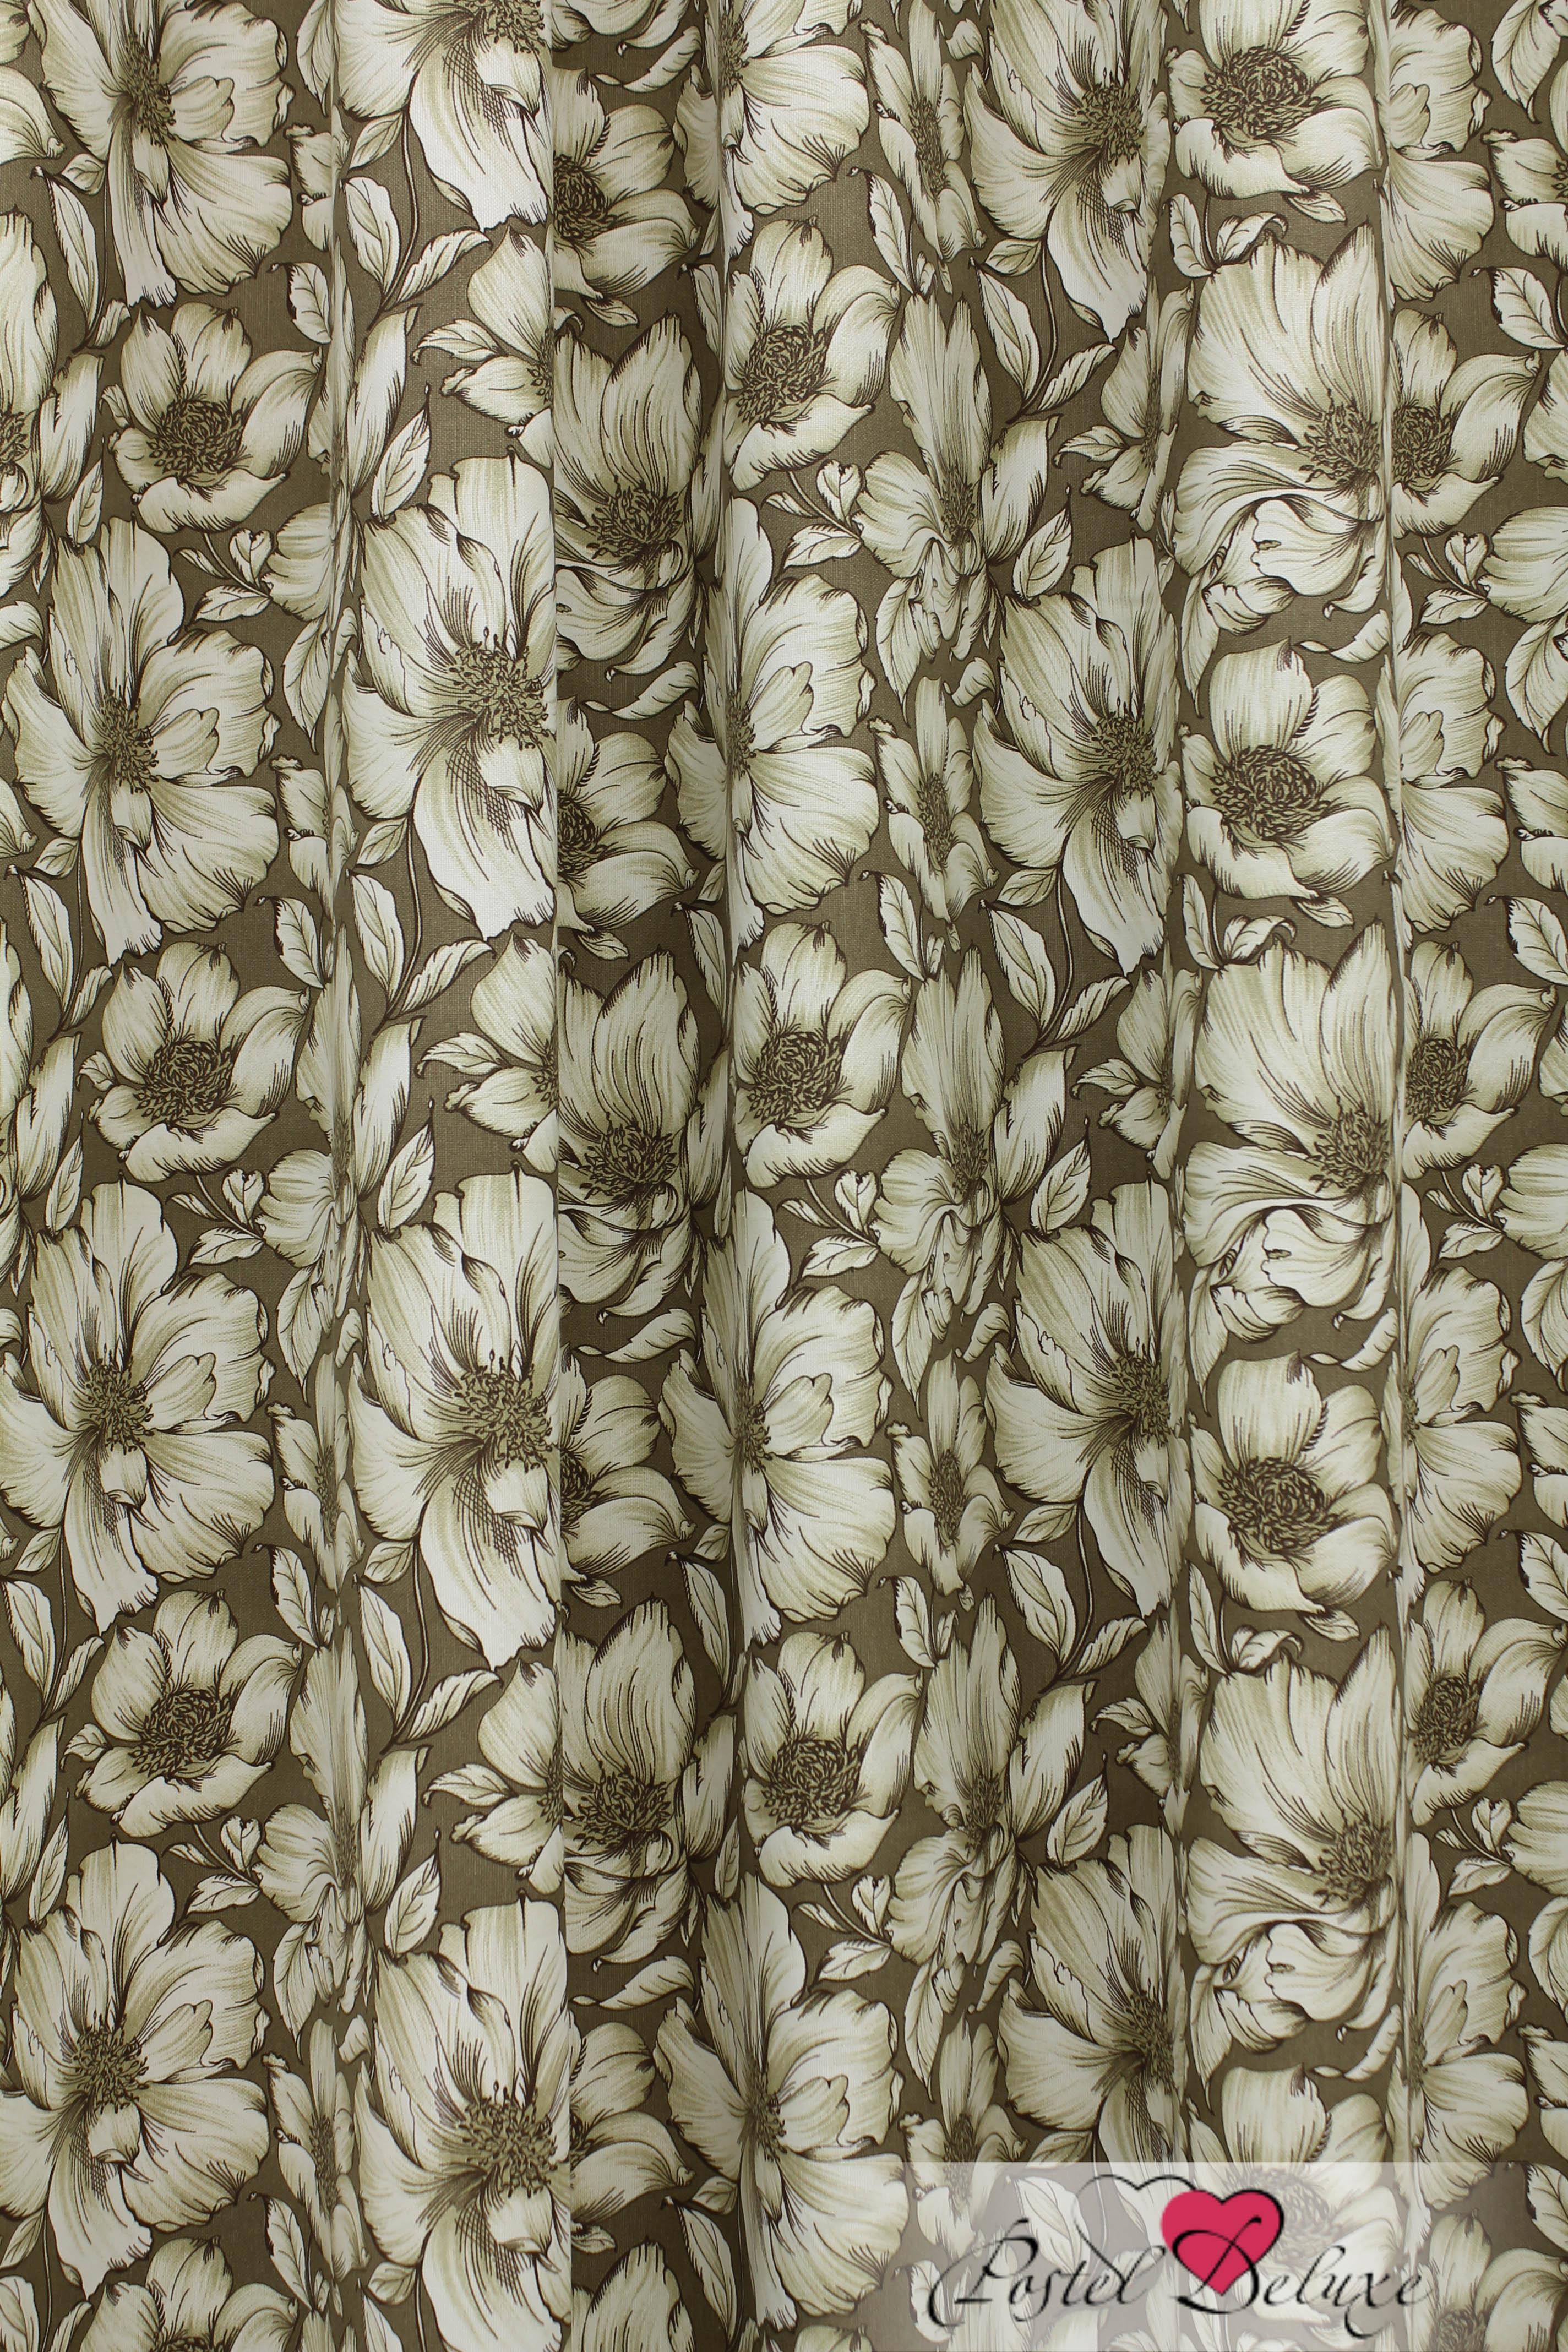 Шторы Sanpa Классические шторы Янита Цвет: Темно-Бежевый шторы tac классические шторы winx цвет персиковый 200x265 см